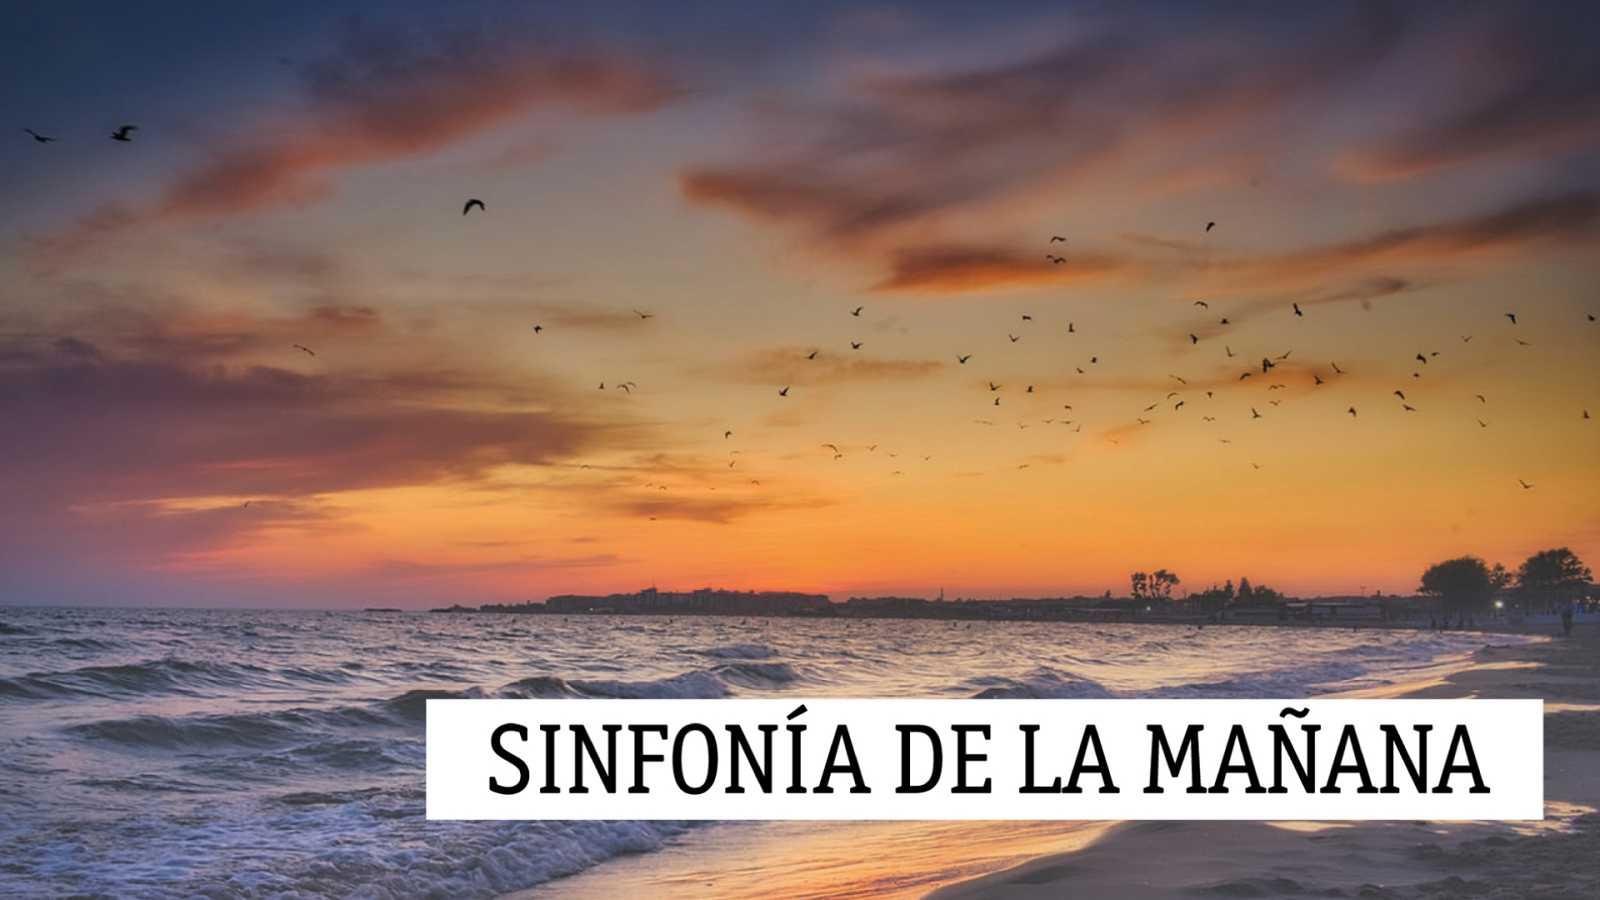 Sinfonía de la mañana - Boccherini exiliado - 11/05/21 - escuchar ahora